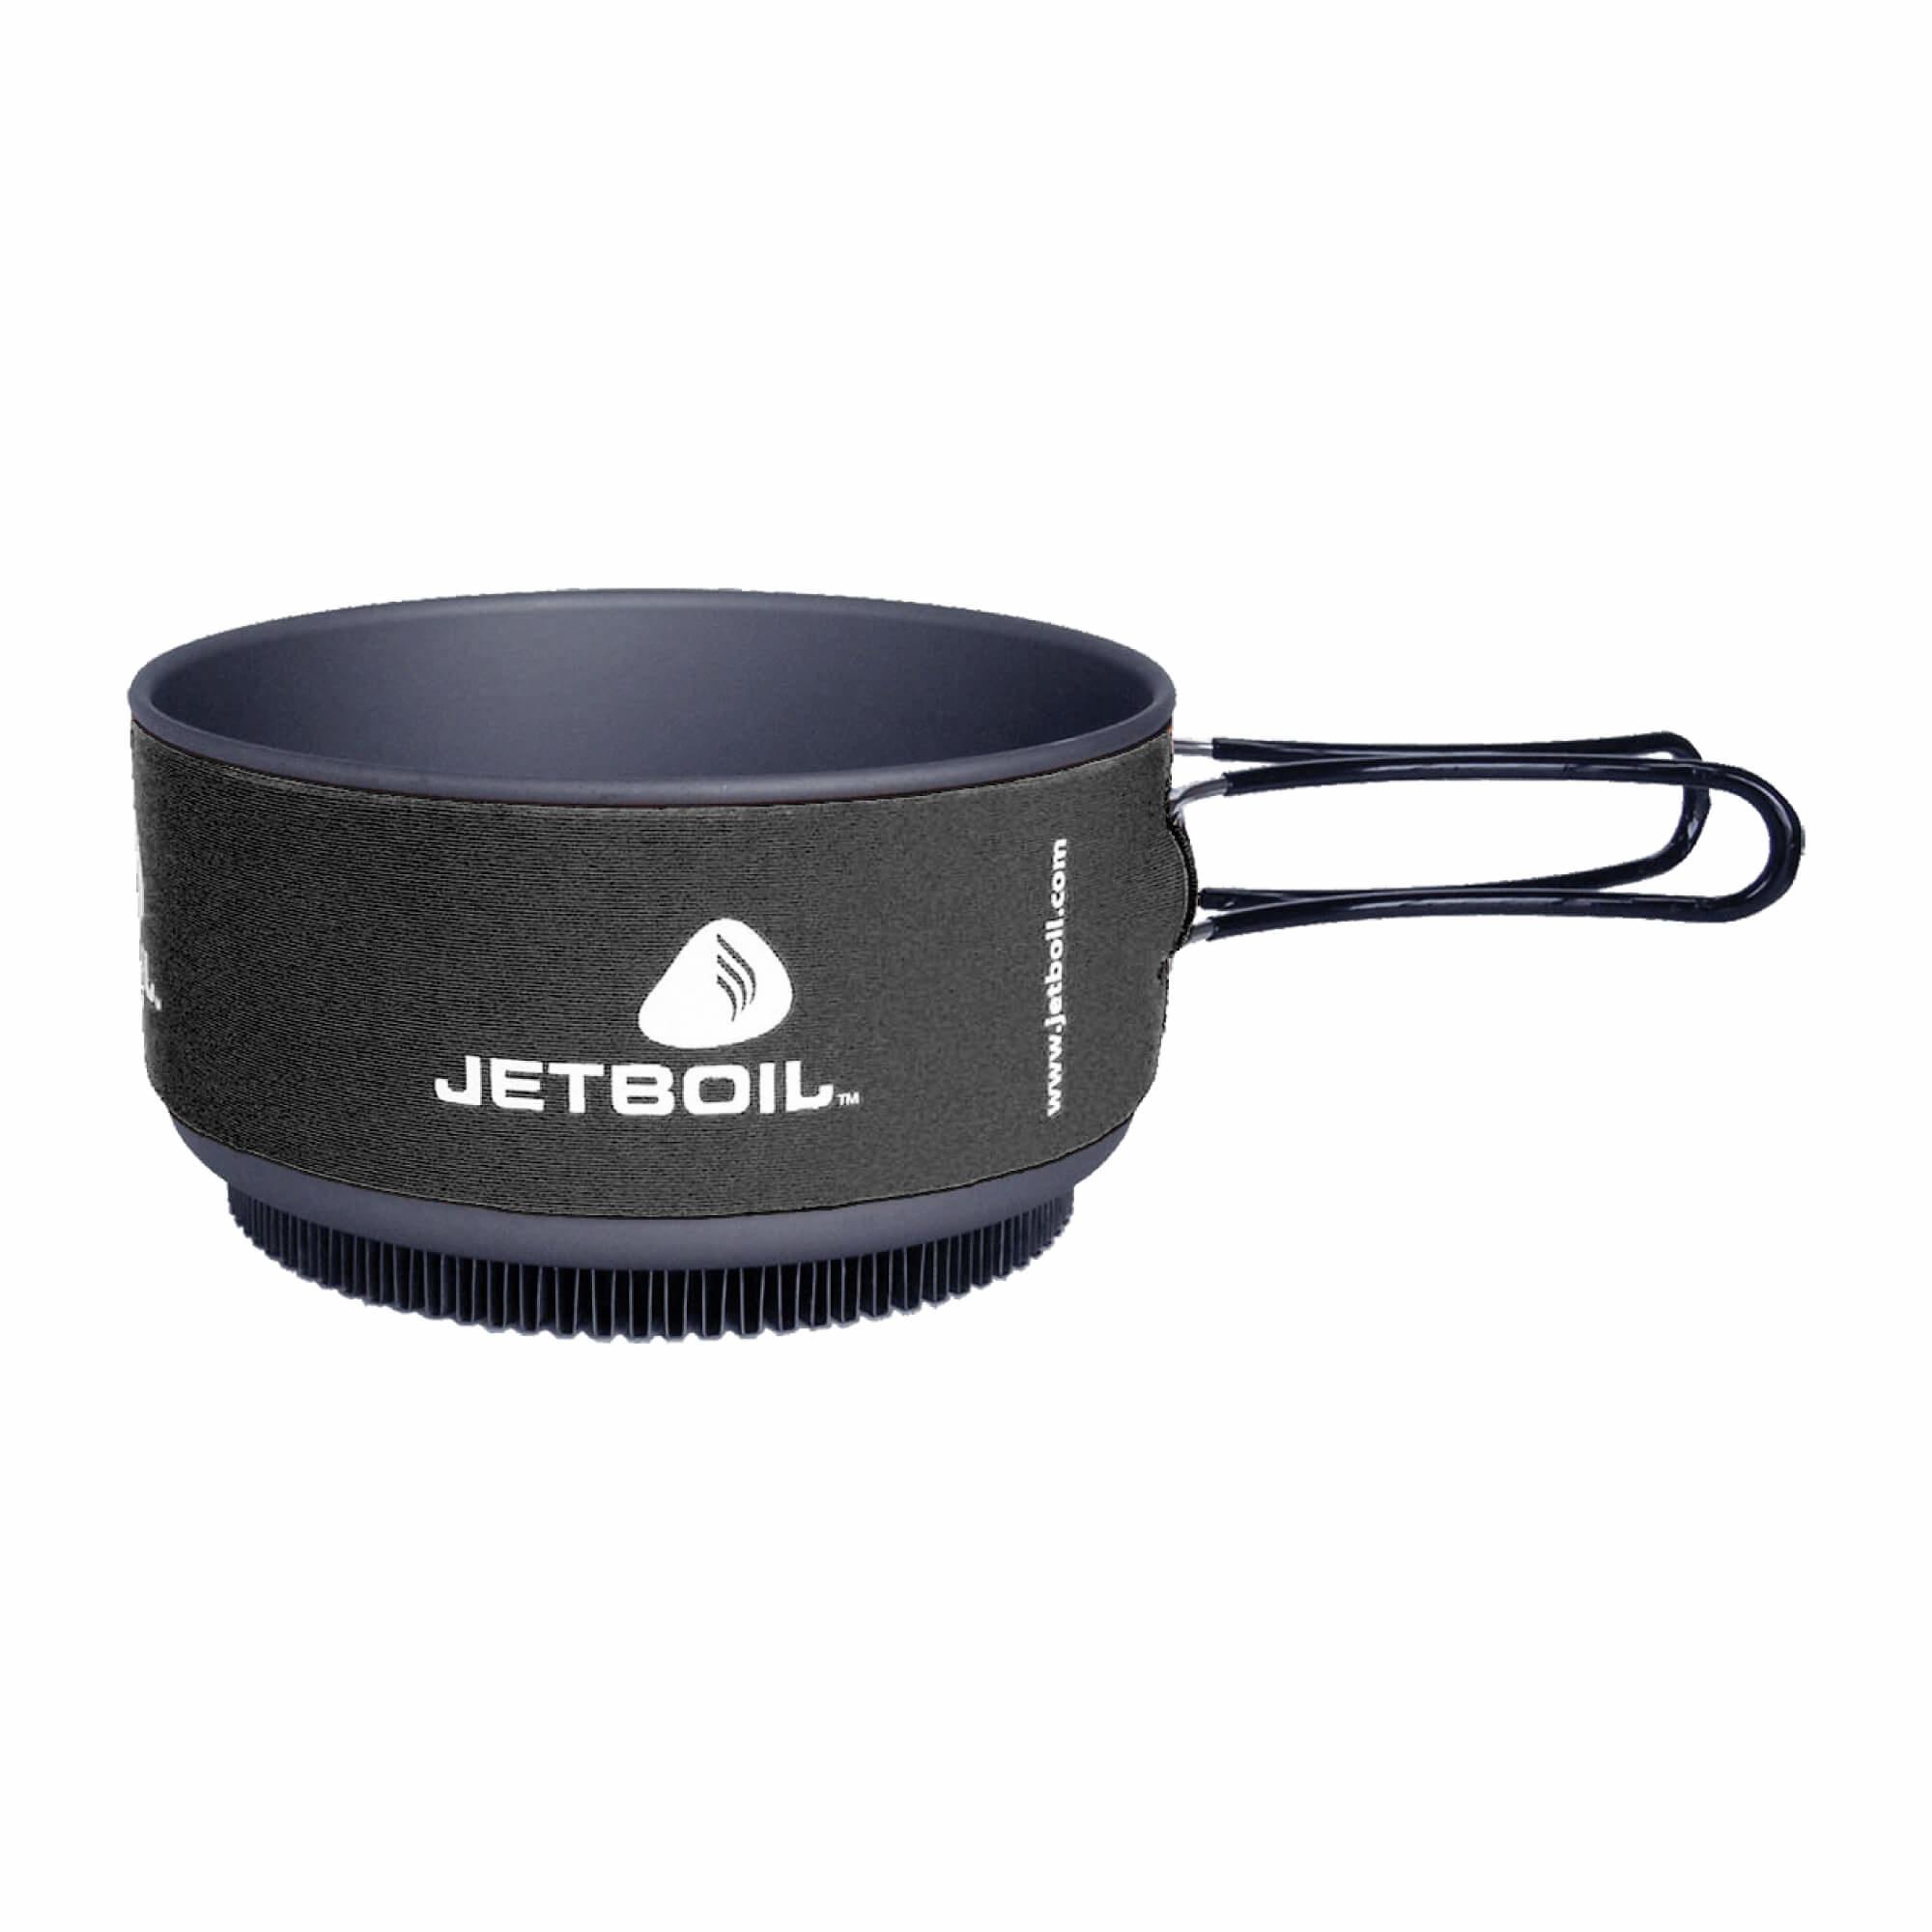 1.5 Litre Fluxring® Cooking Pot-2